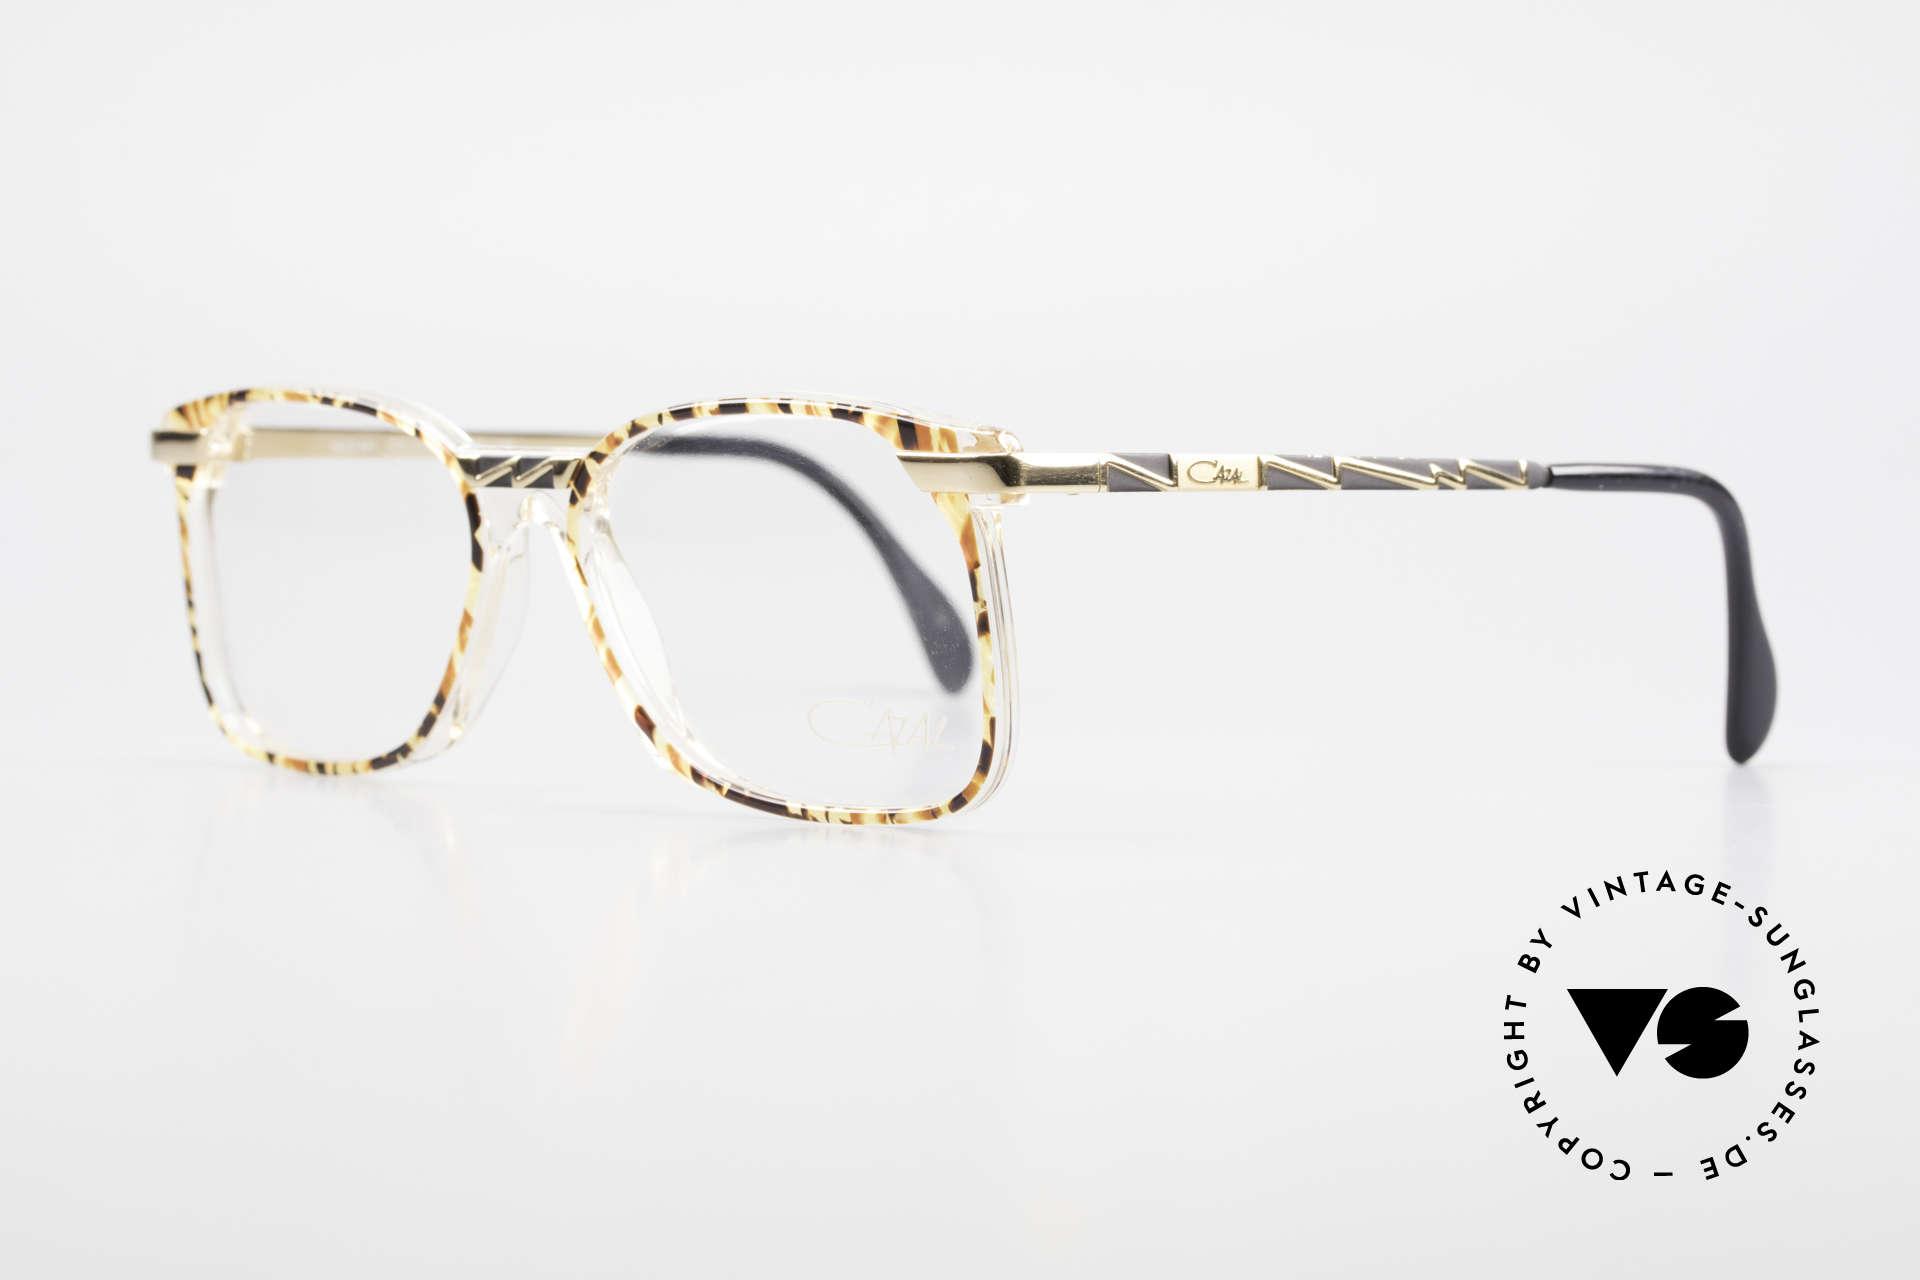 Cazal 341 Alte Vintage Brille No Retro, geniale Trageeigenschaften und Rahmenstabilität, Passend für Herren und Damen